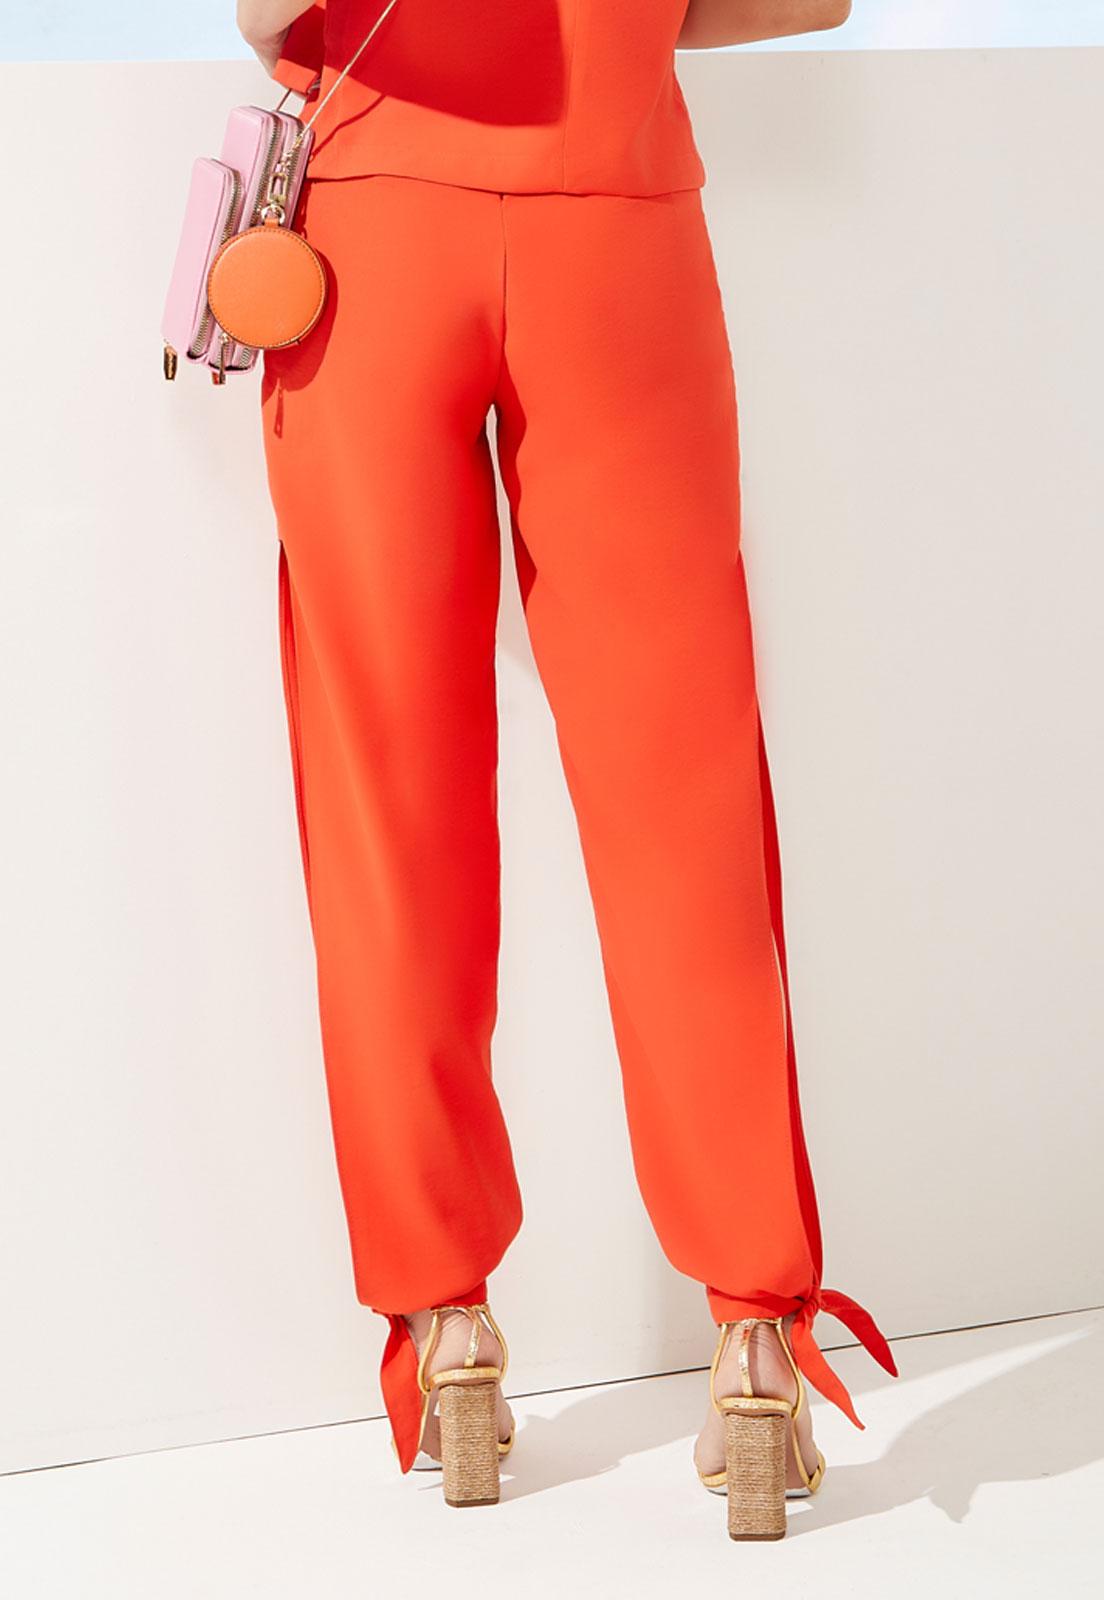 Calça Veraneio Orange